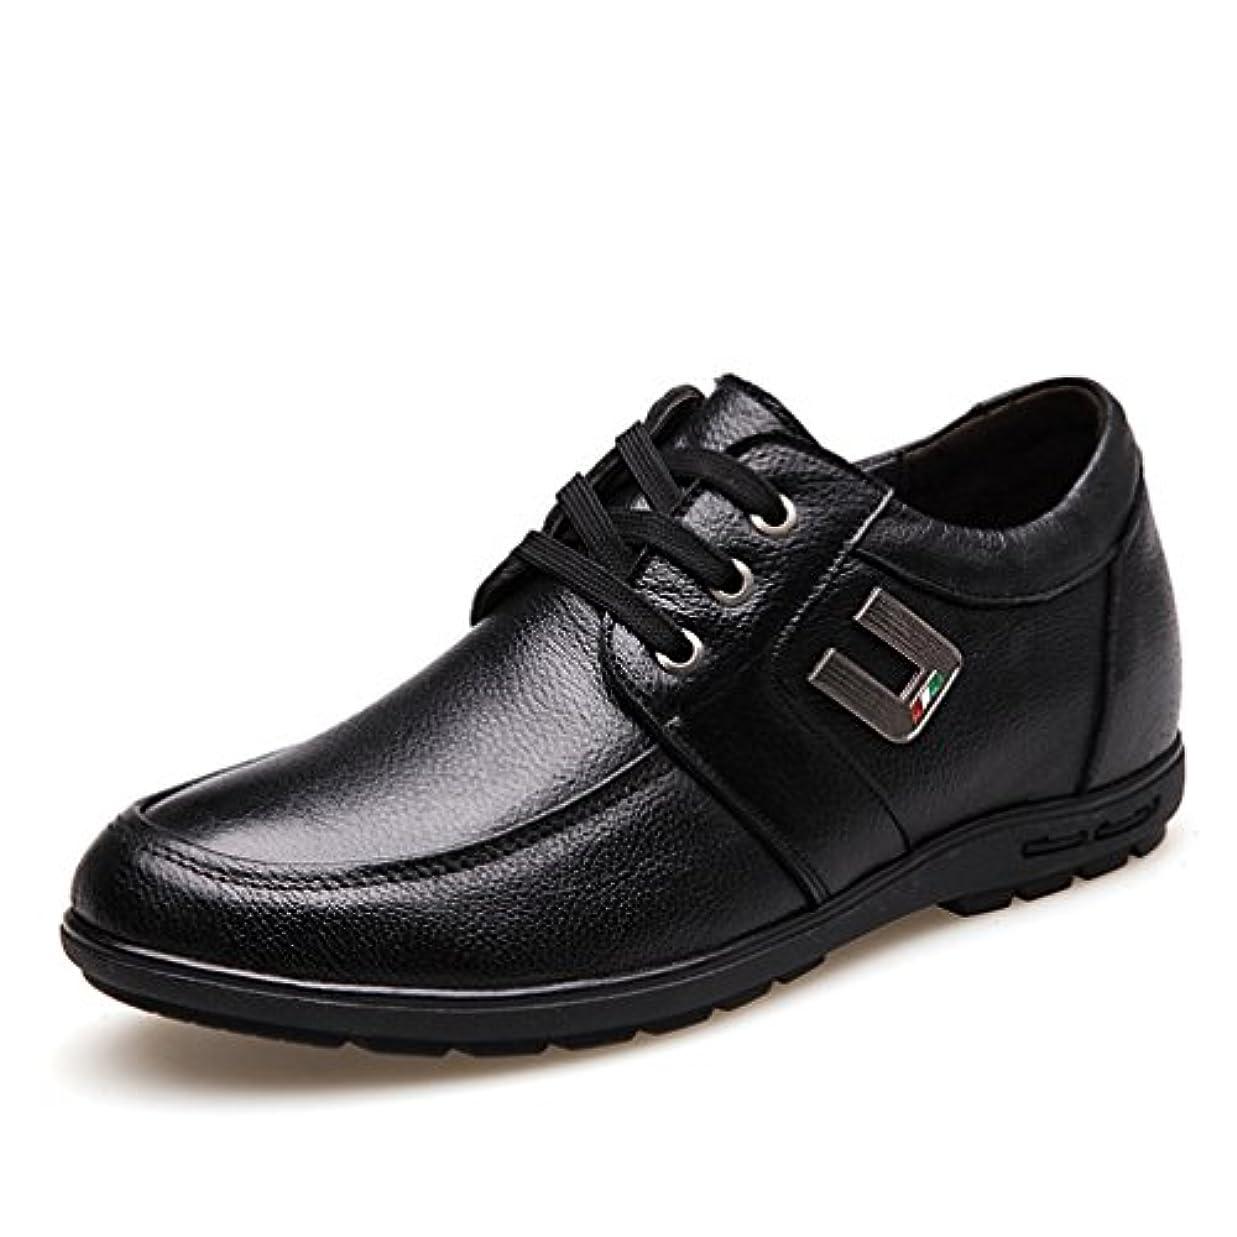 申し立てるエンドウ手足[XINXIKEJI]シークレットシューズ ビジネスシューズ メンズ インヒール 5cmUP 背が高くなる 内羽根 軽量 防滑 屈曲性 心地良い おしゃれ 通勤/カジュアル フォーマルシューズ 紳士靴 ブラック/黒/茶色